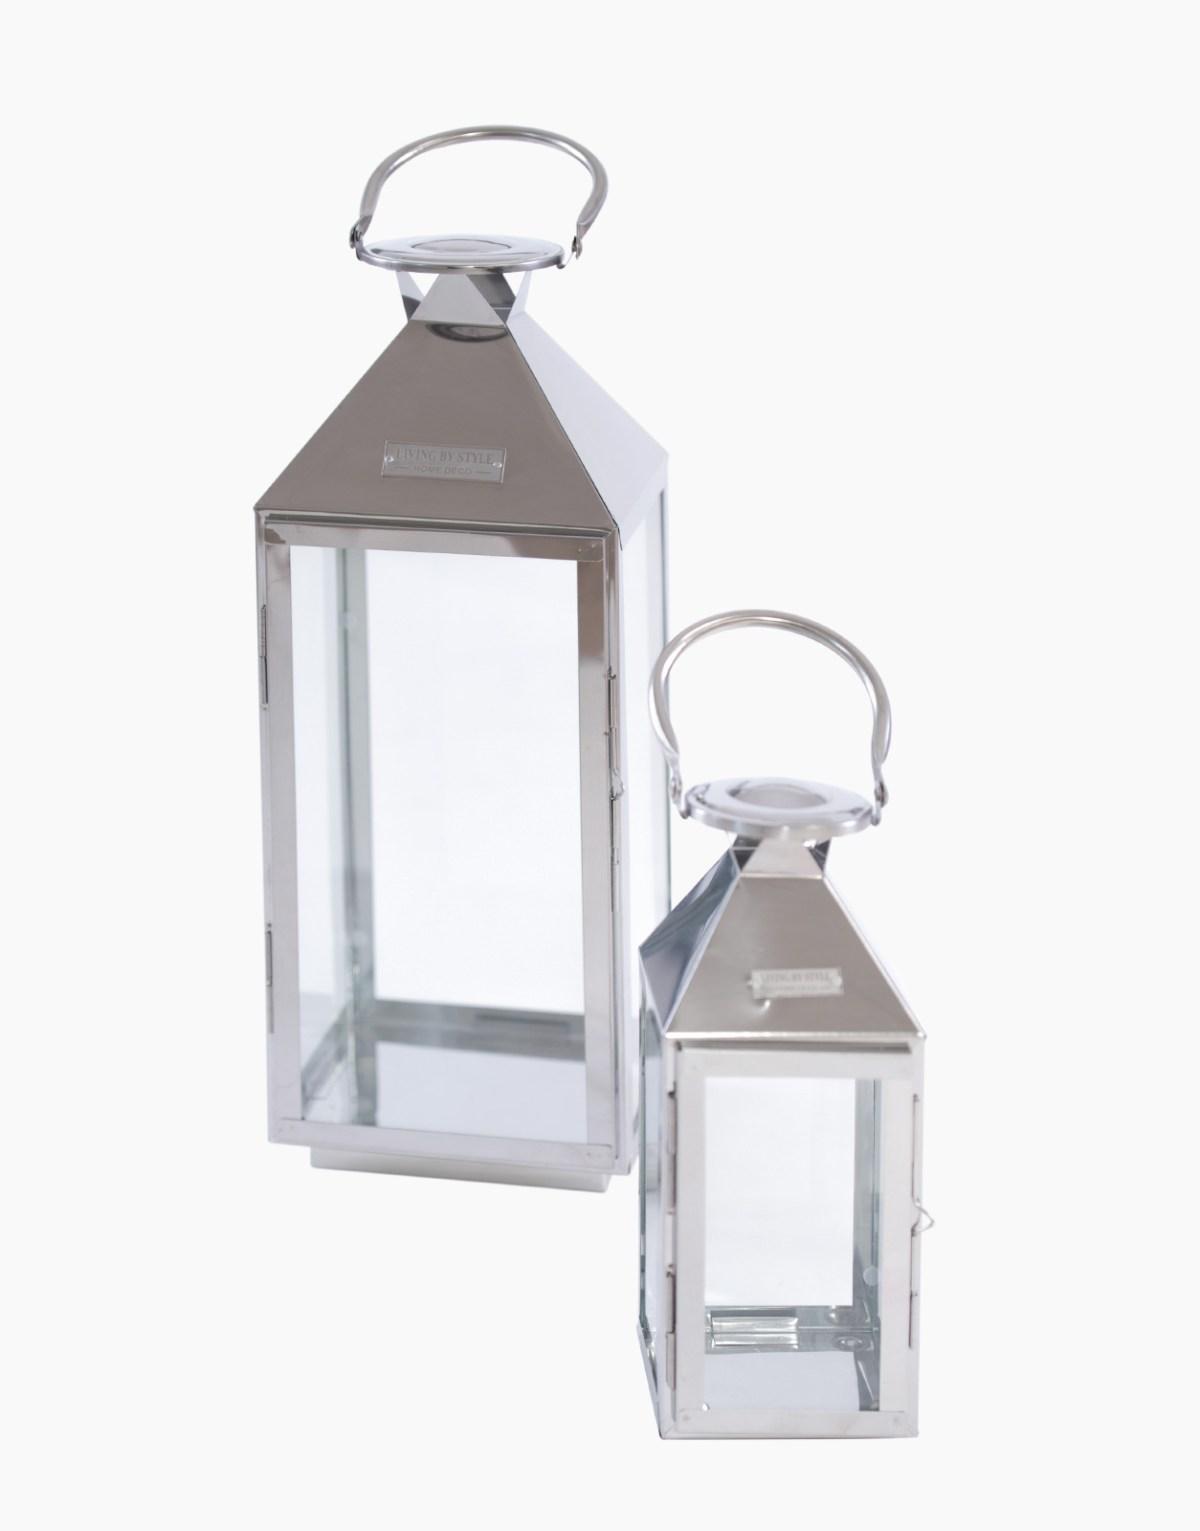 lampe led, spot led, lampadaire haut, spot solaire, spot, lampes sensitives, lampadaire chic, lampadaire luxe, lampadaire, suspension, suspensions, lumineux, guirlande, guirlandes, guirlandes lumineuses, lumineux, luminaire exterieur, éclairage exterieur, éclairage design, applique solaire, applique extérieur, applique murale, luminaire design, abats jour, abats-jour design, appliques, lampe, lampe design, lampe designer, lampe de bureau, lampe de salon, lanterne, lanternes, bougie, bougies, farluce, qult, système éclairage pas cher, separation